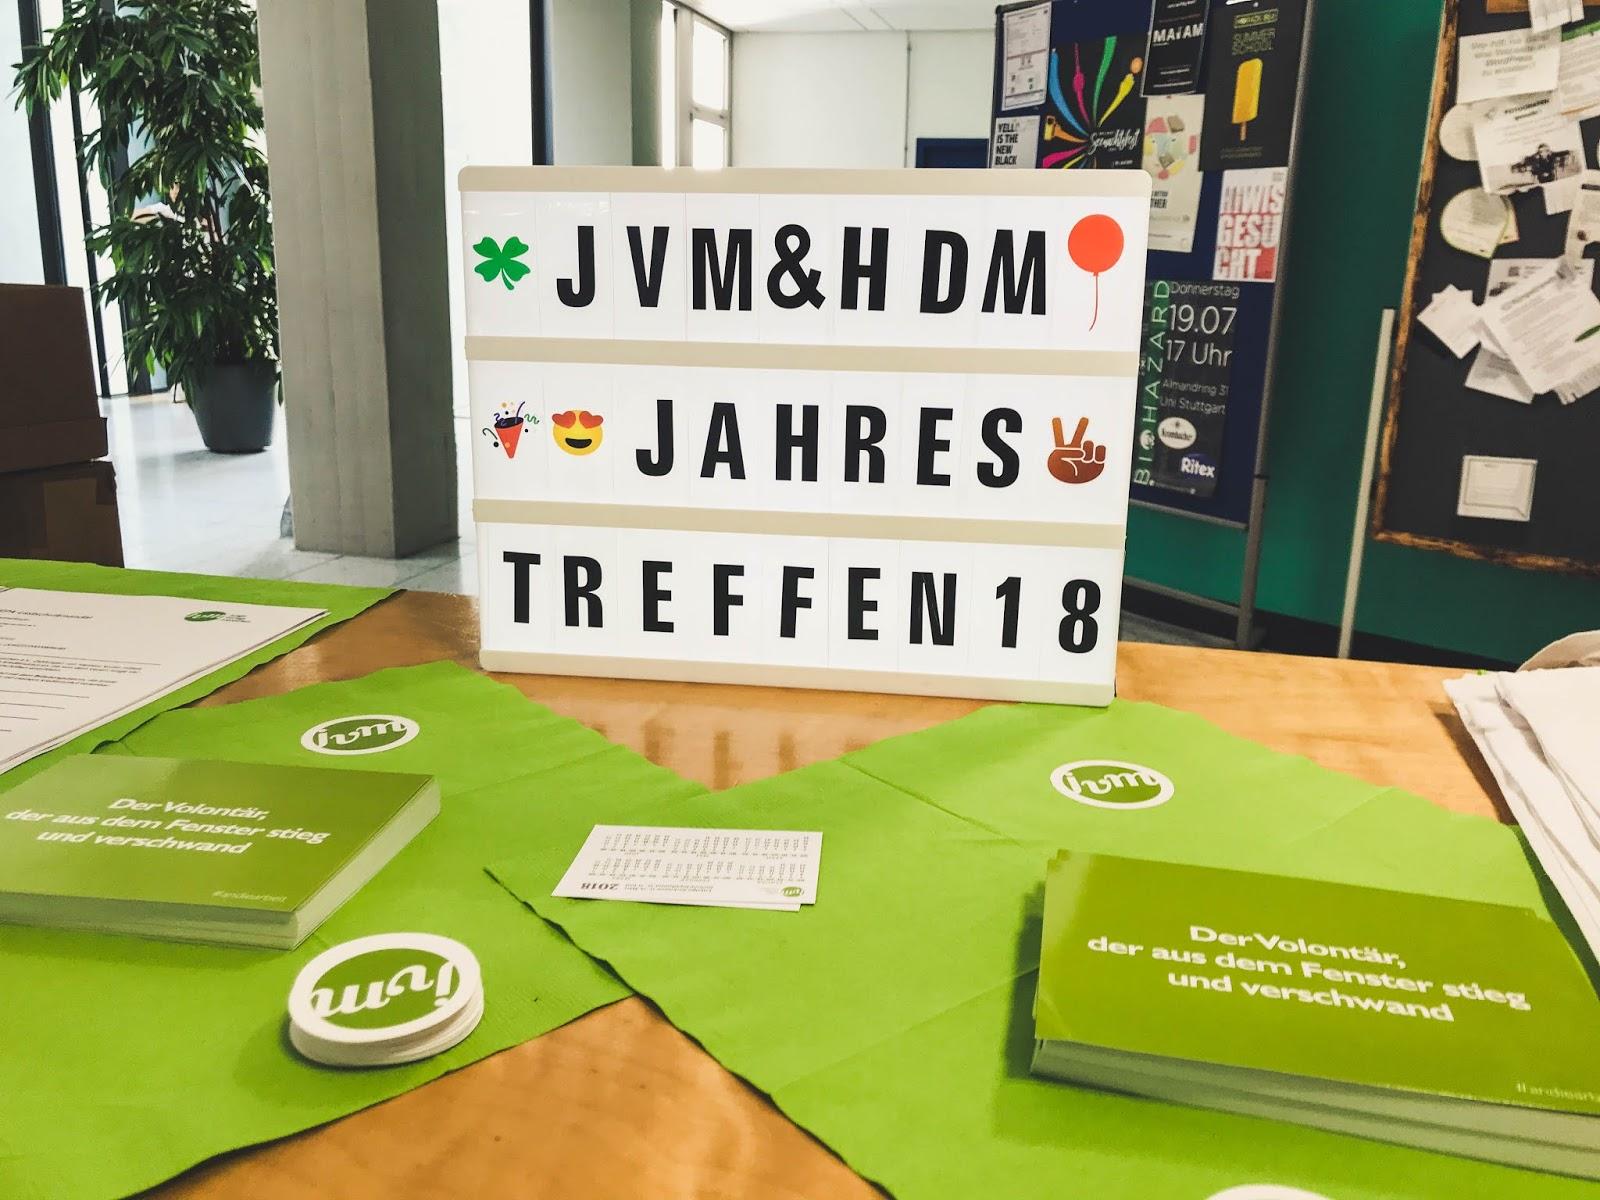 JVM, Junge Verlagsmenschen, HdM Stuttgart, Buchbranche, Verlag, Börsenverein